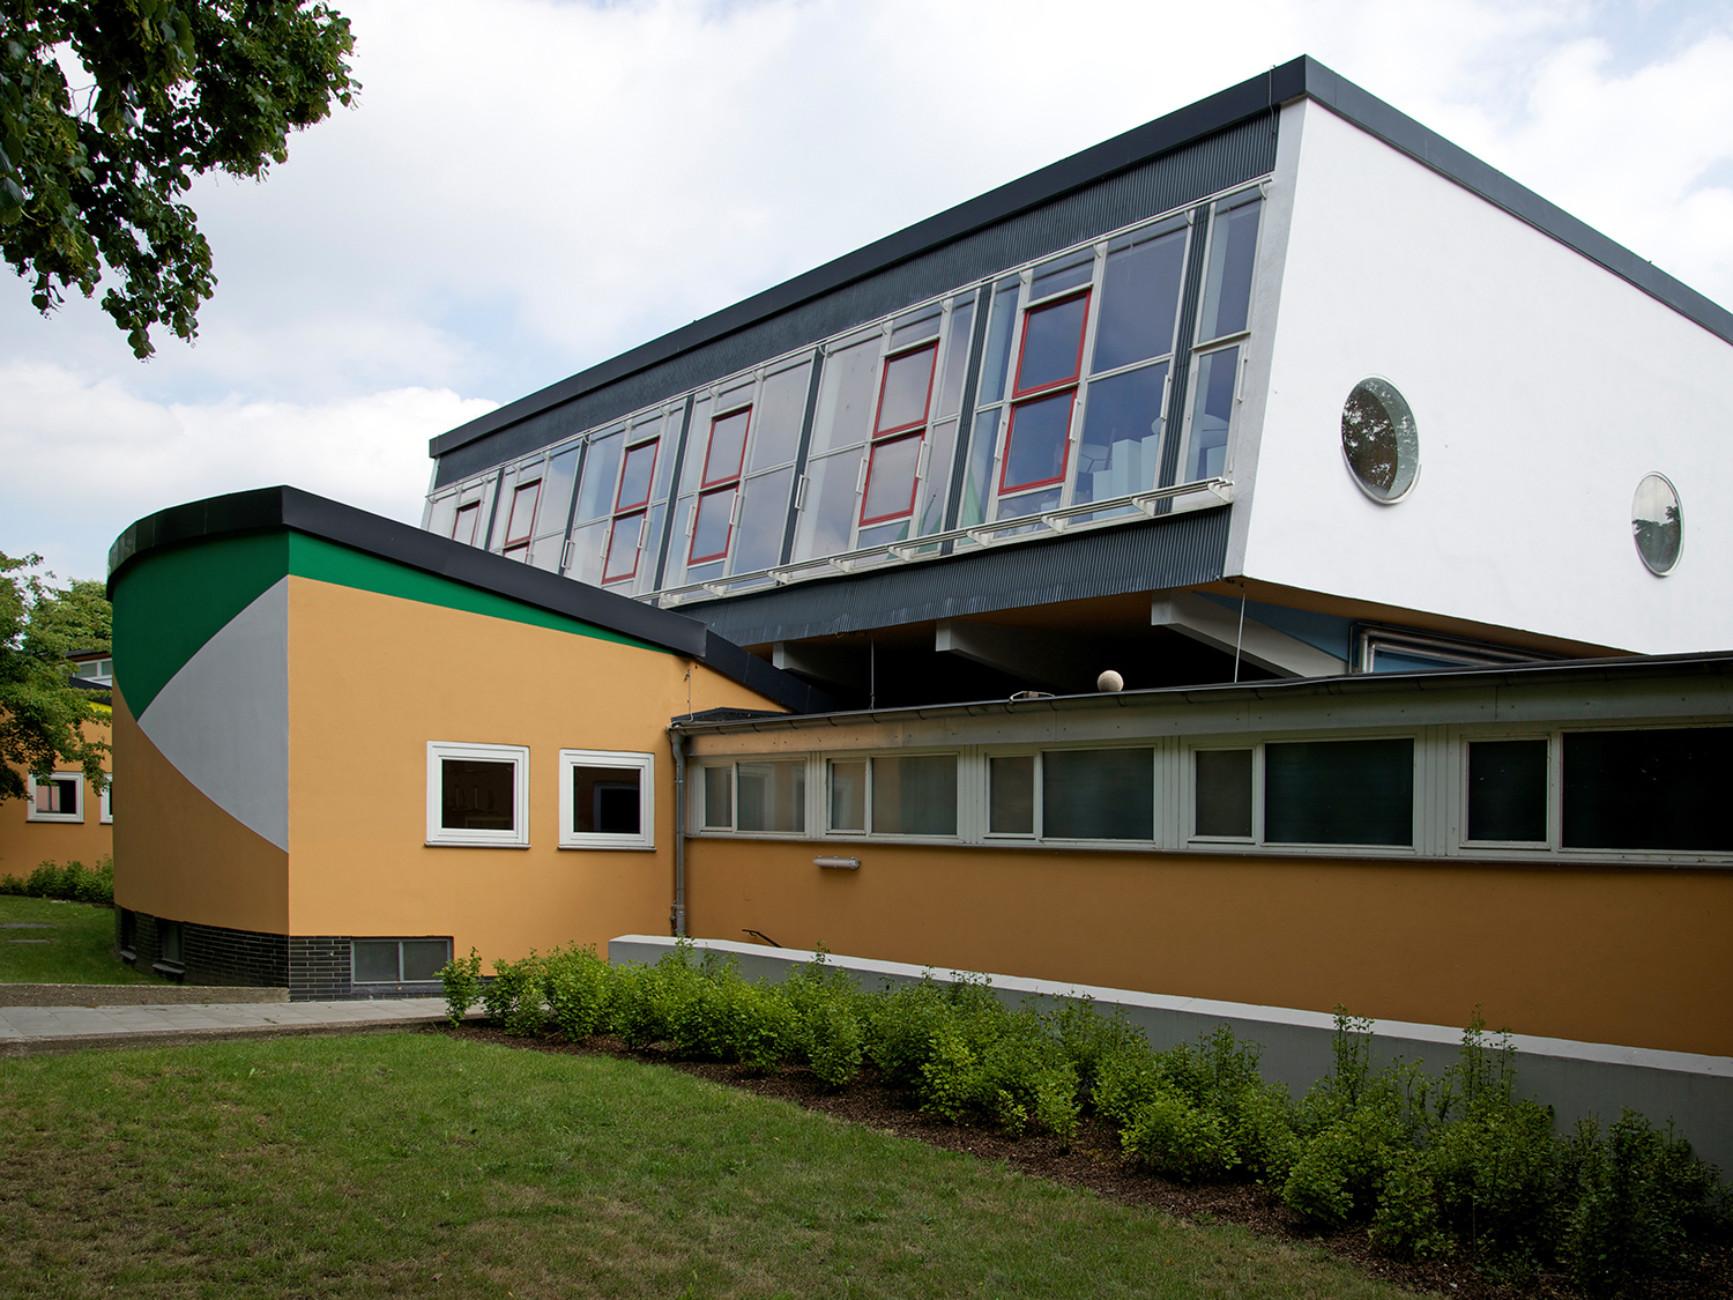 Geschwister Scholl secondary school, Lünen (1955-1962)